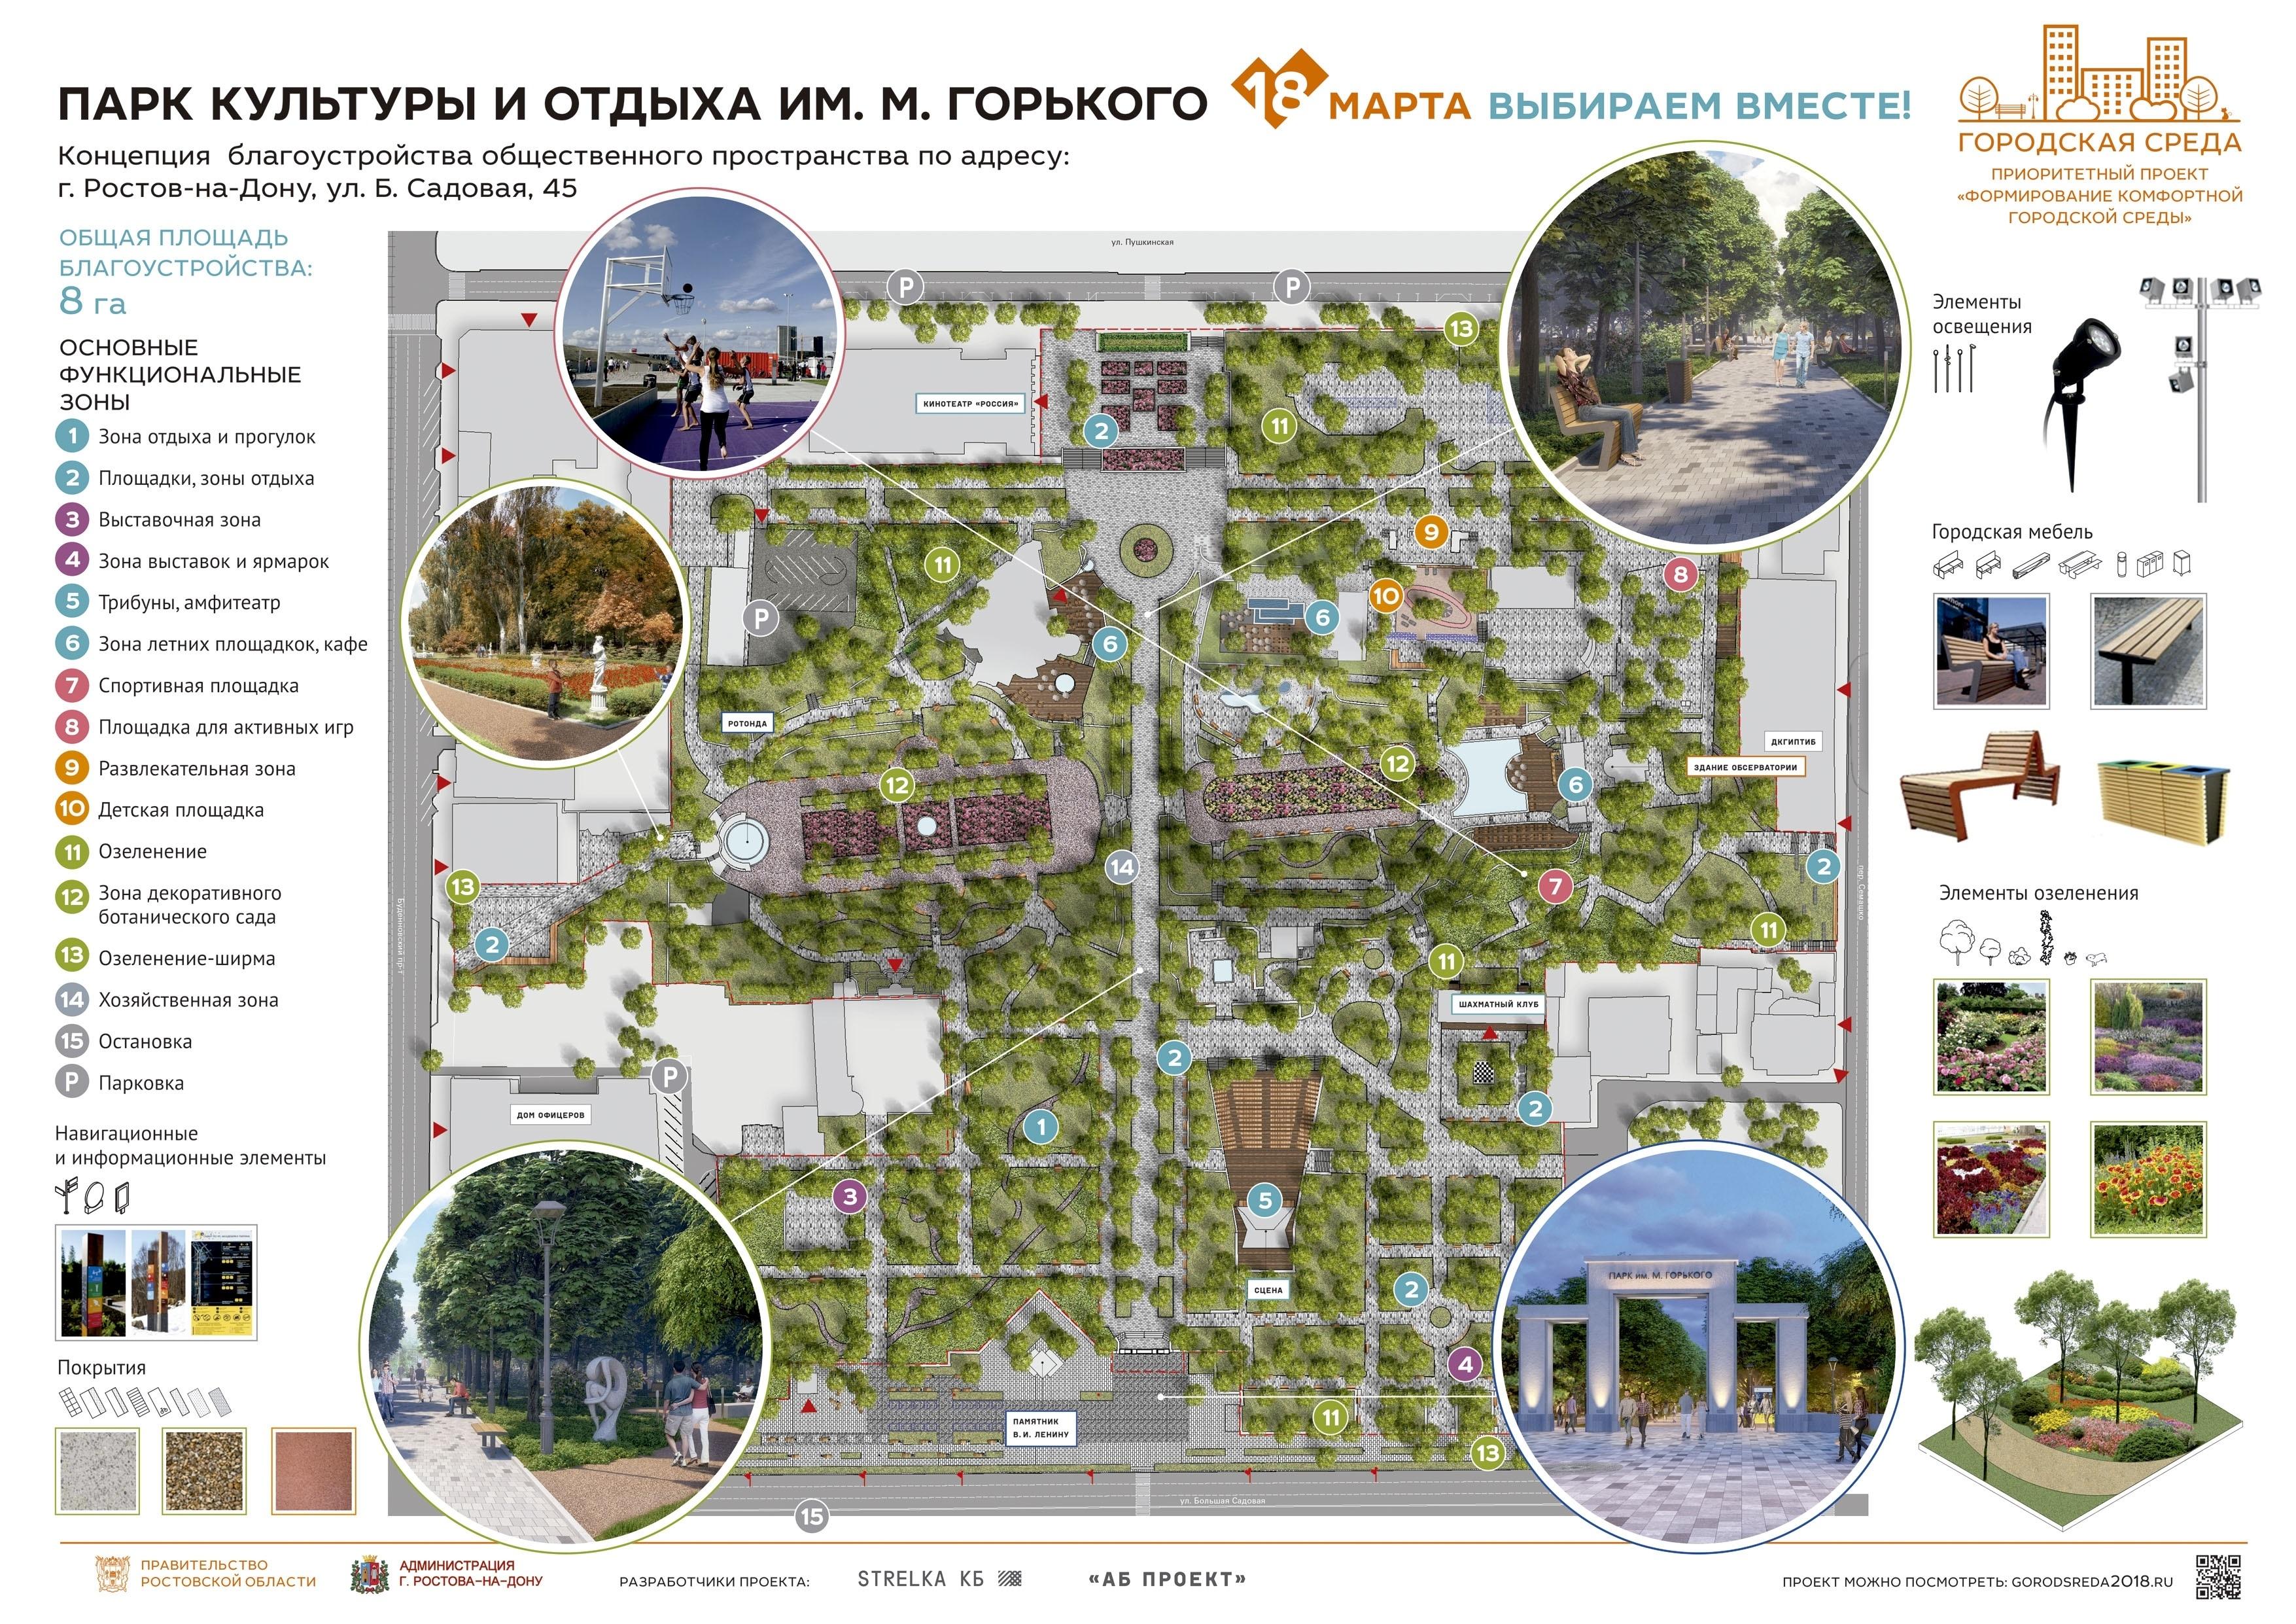 251ba91ae3cf6 Отметим, что установку арки на входе в данный парк можно считать  возвращением к его истокам, ведь ранее, до советской власти, его входную  группу составляла ...